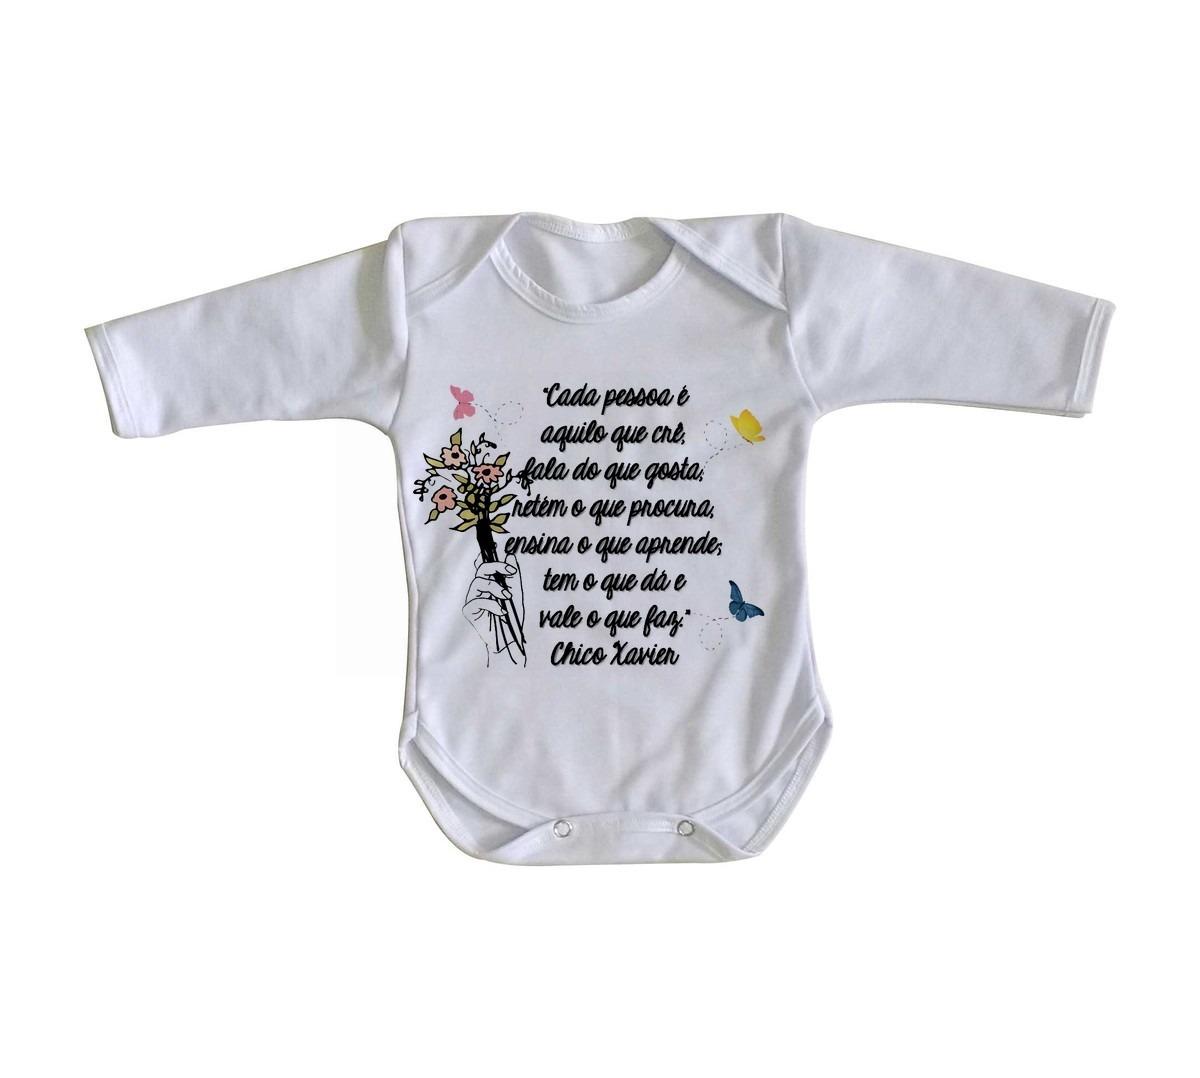 Body Criança Roupa Bebê Frase Chico Xavier Espirita Cada Pes